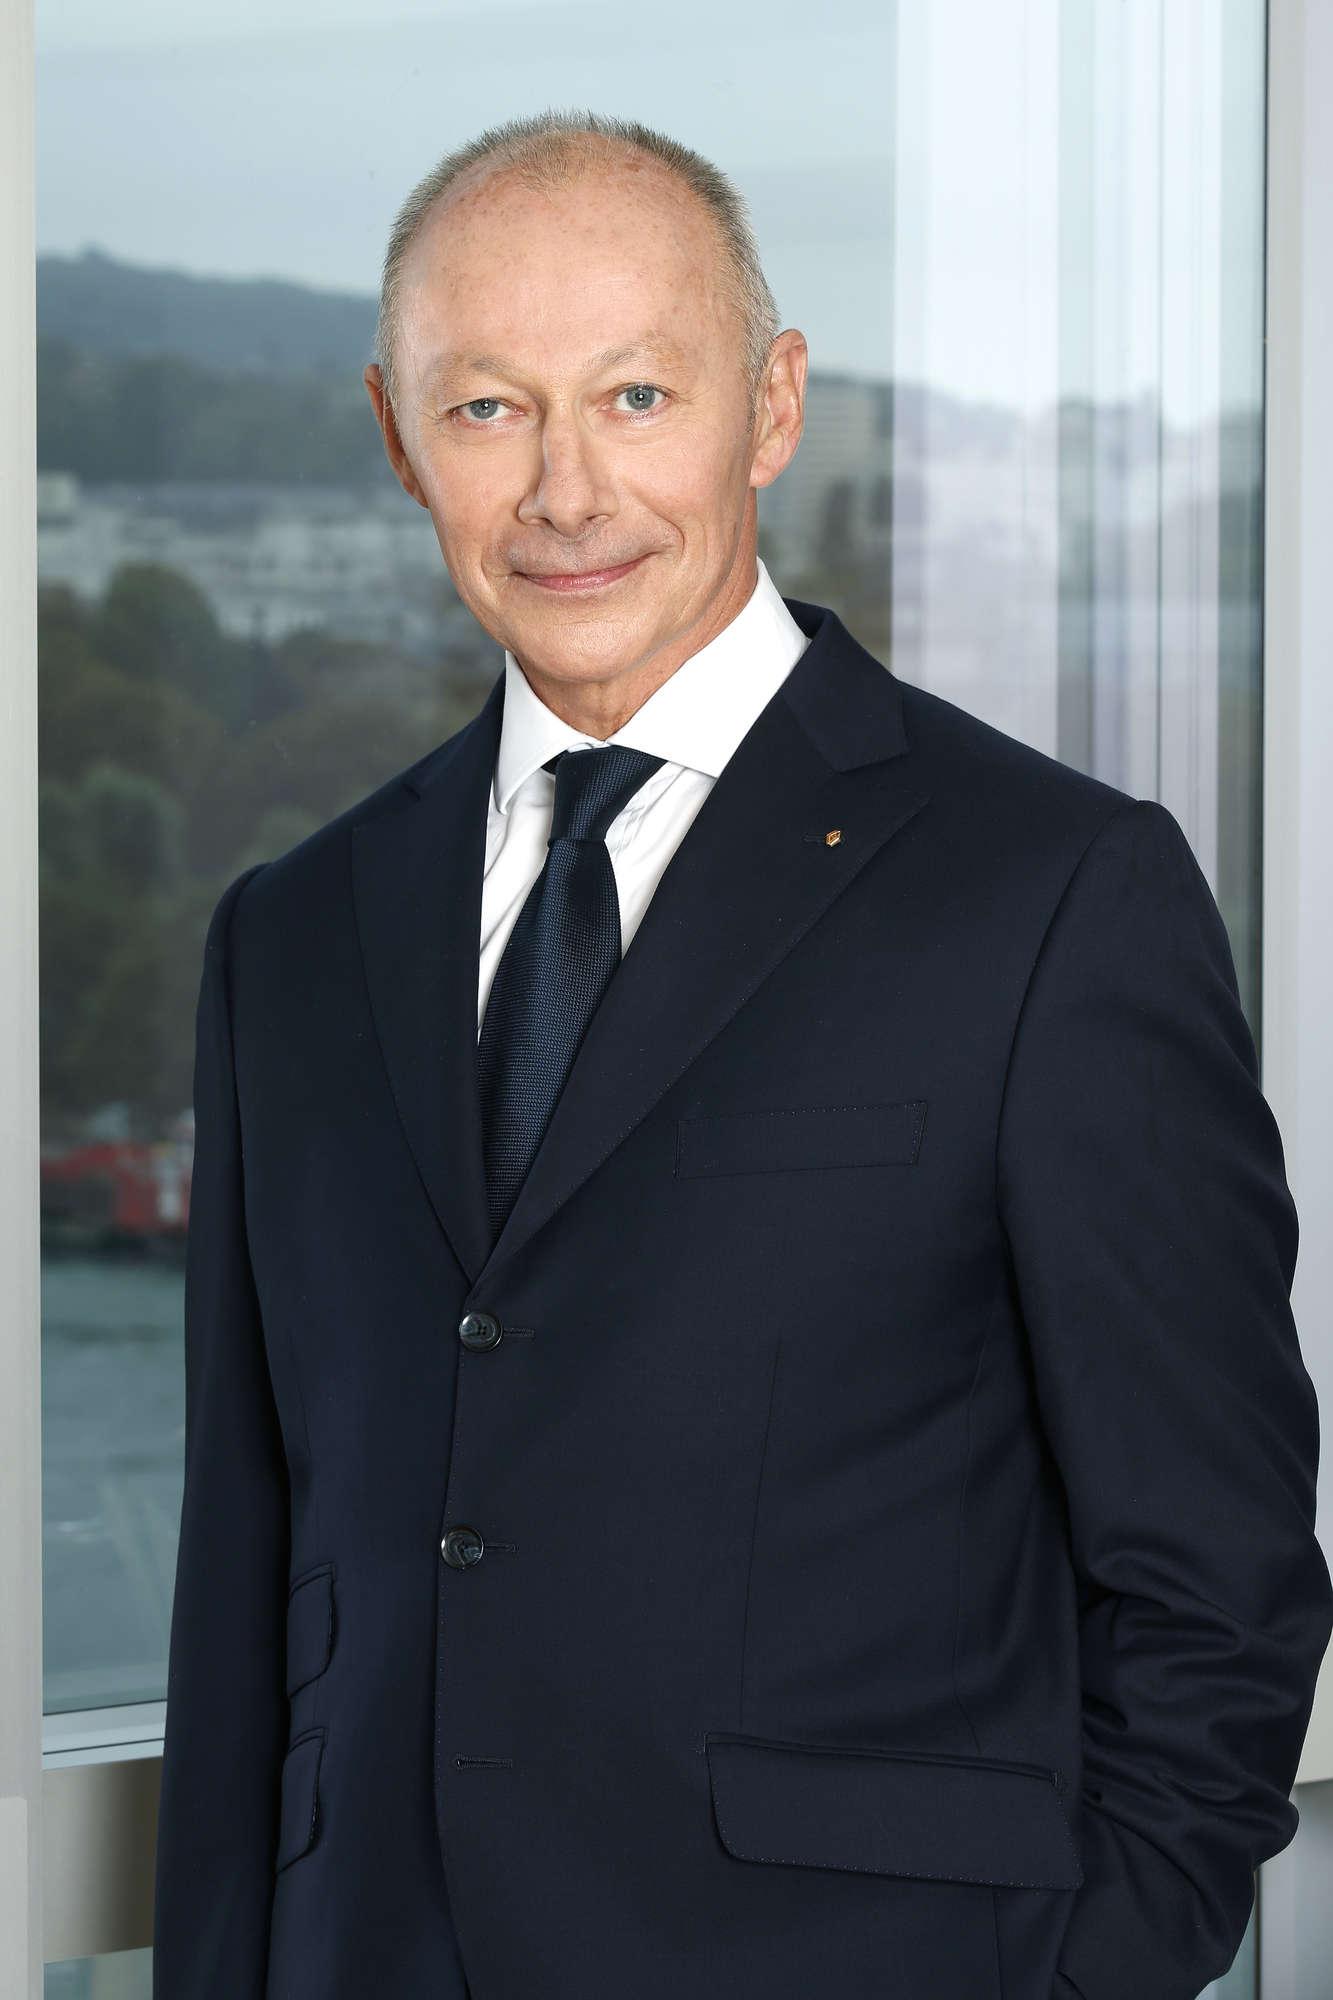 Portrait de Thierry BOLLORE photographe Cyril DE PLATER.jpg